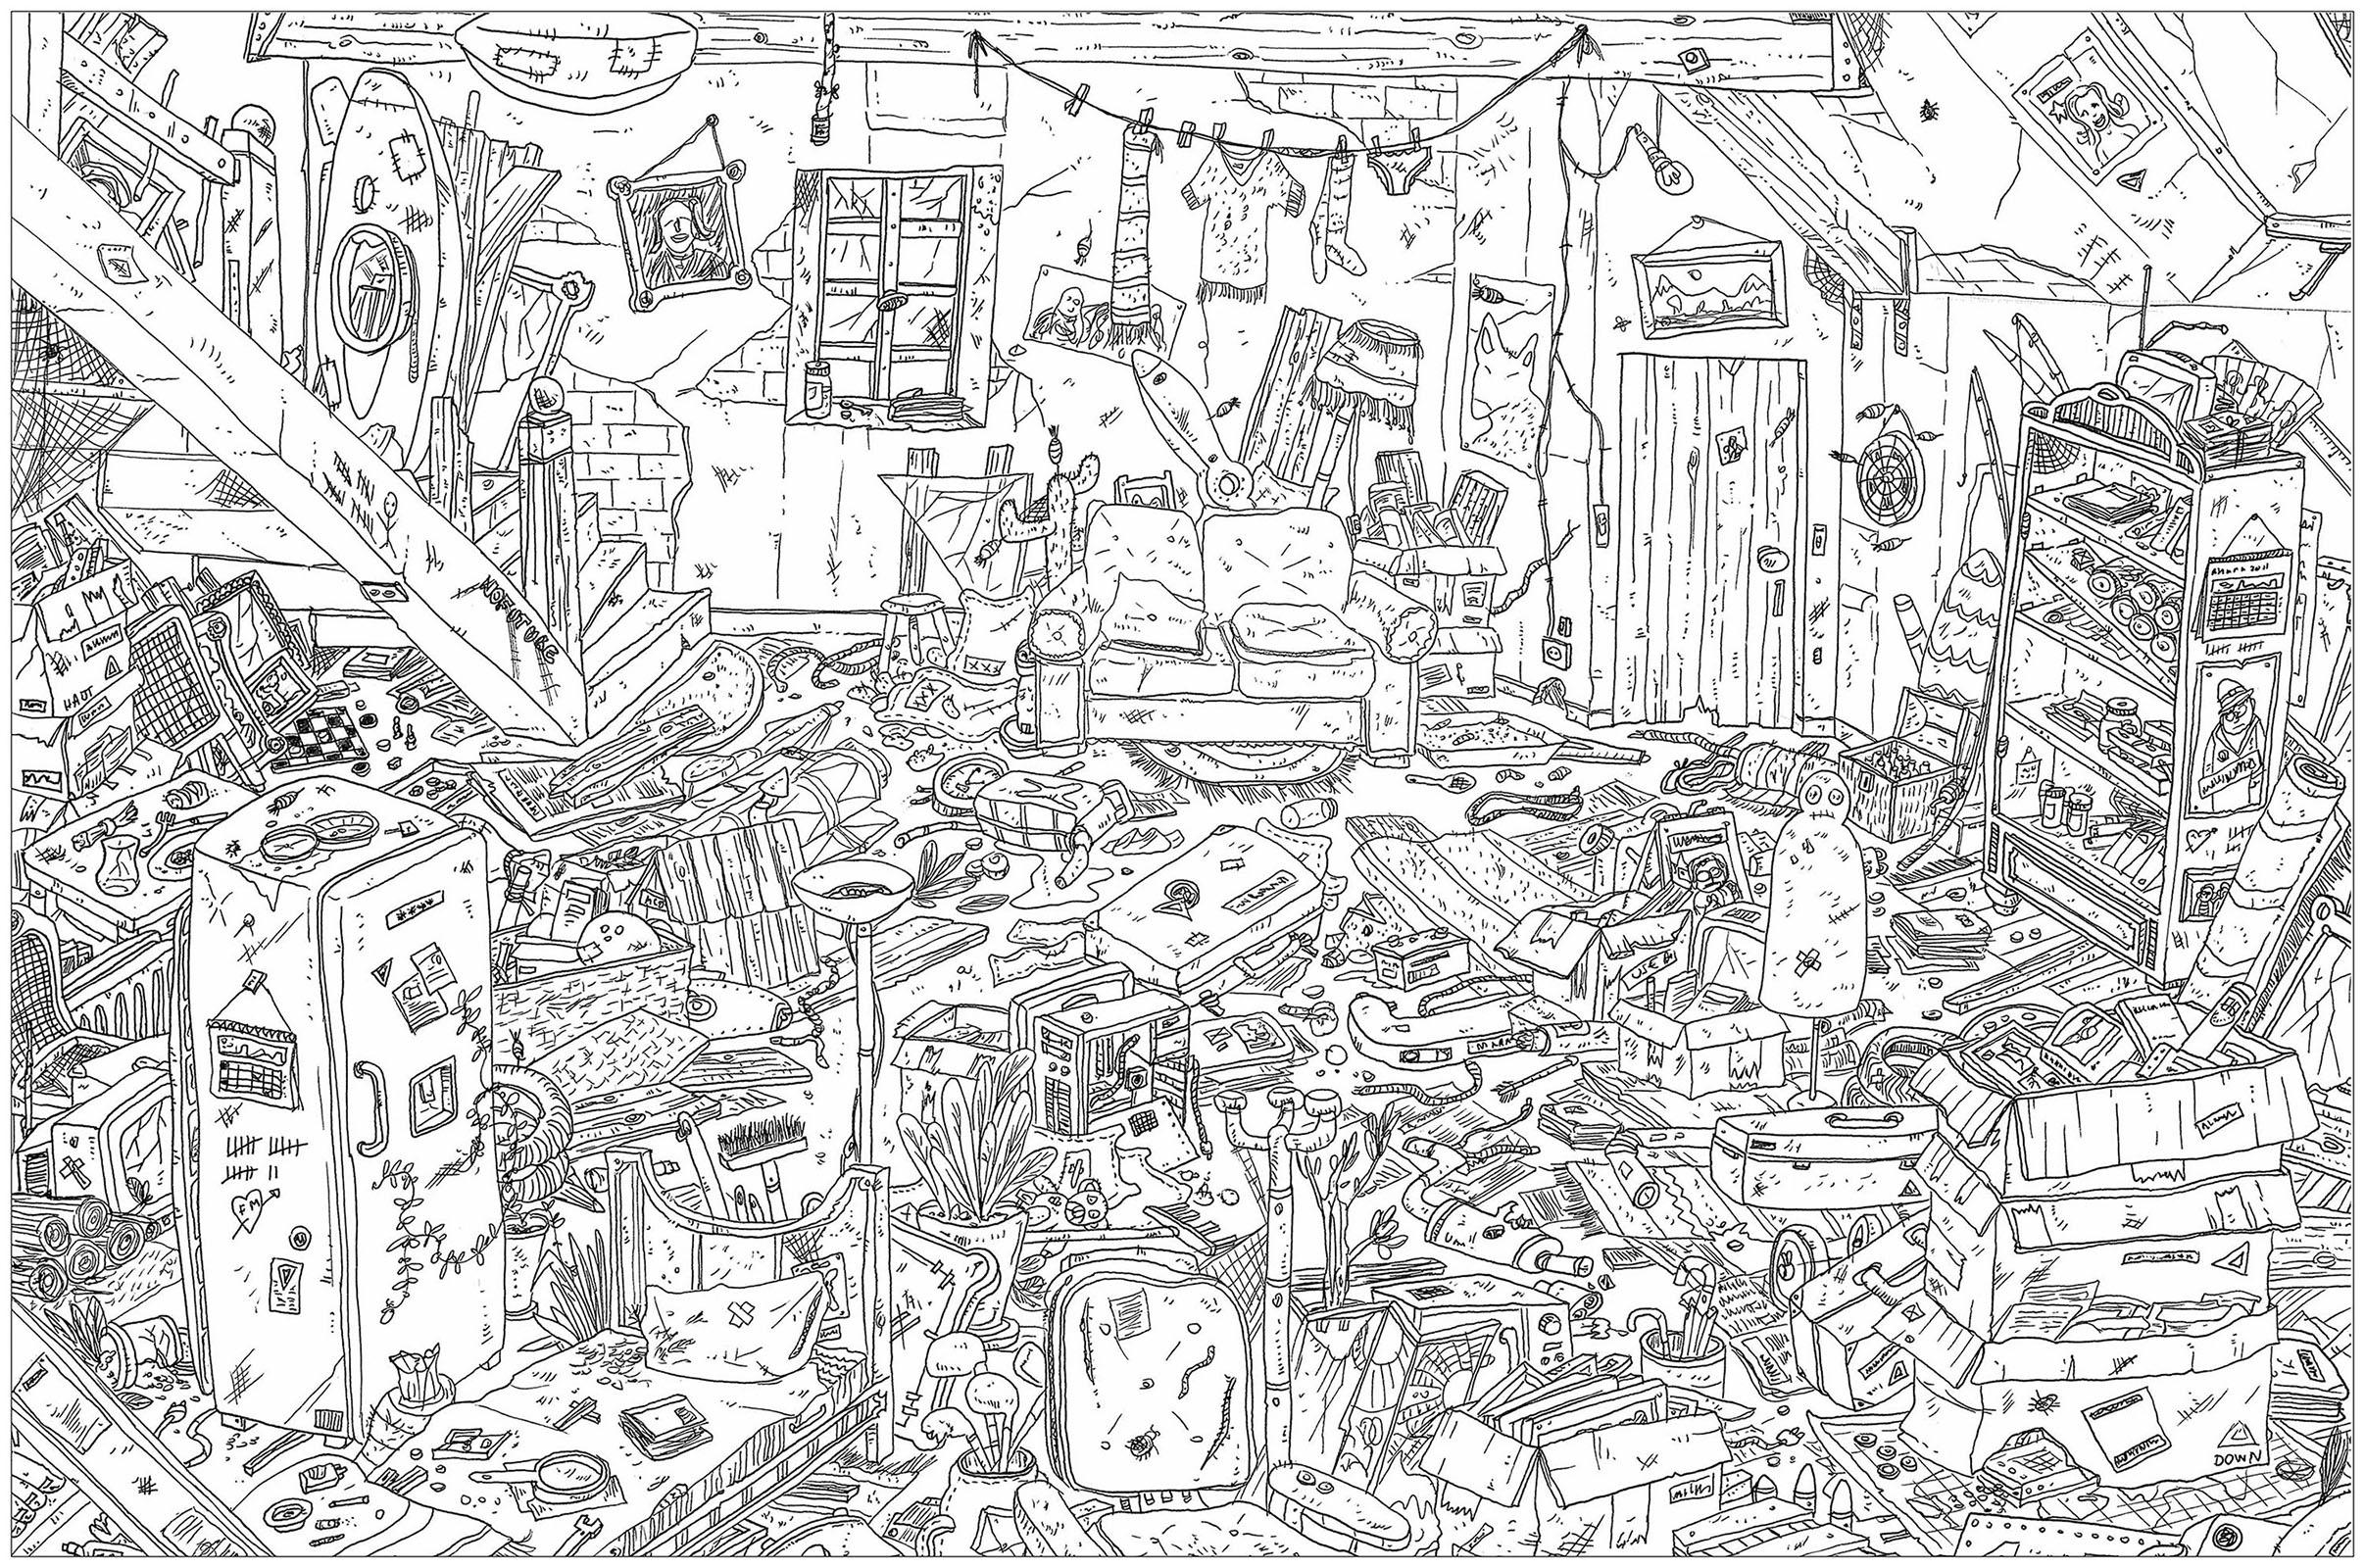 Architektur & Zuhause - Malbuch Fur Erwachsene